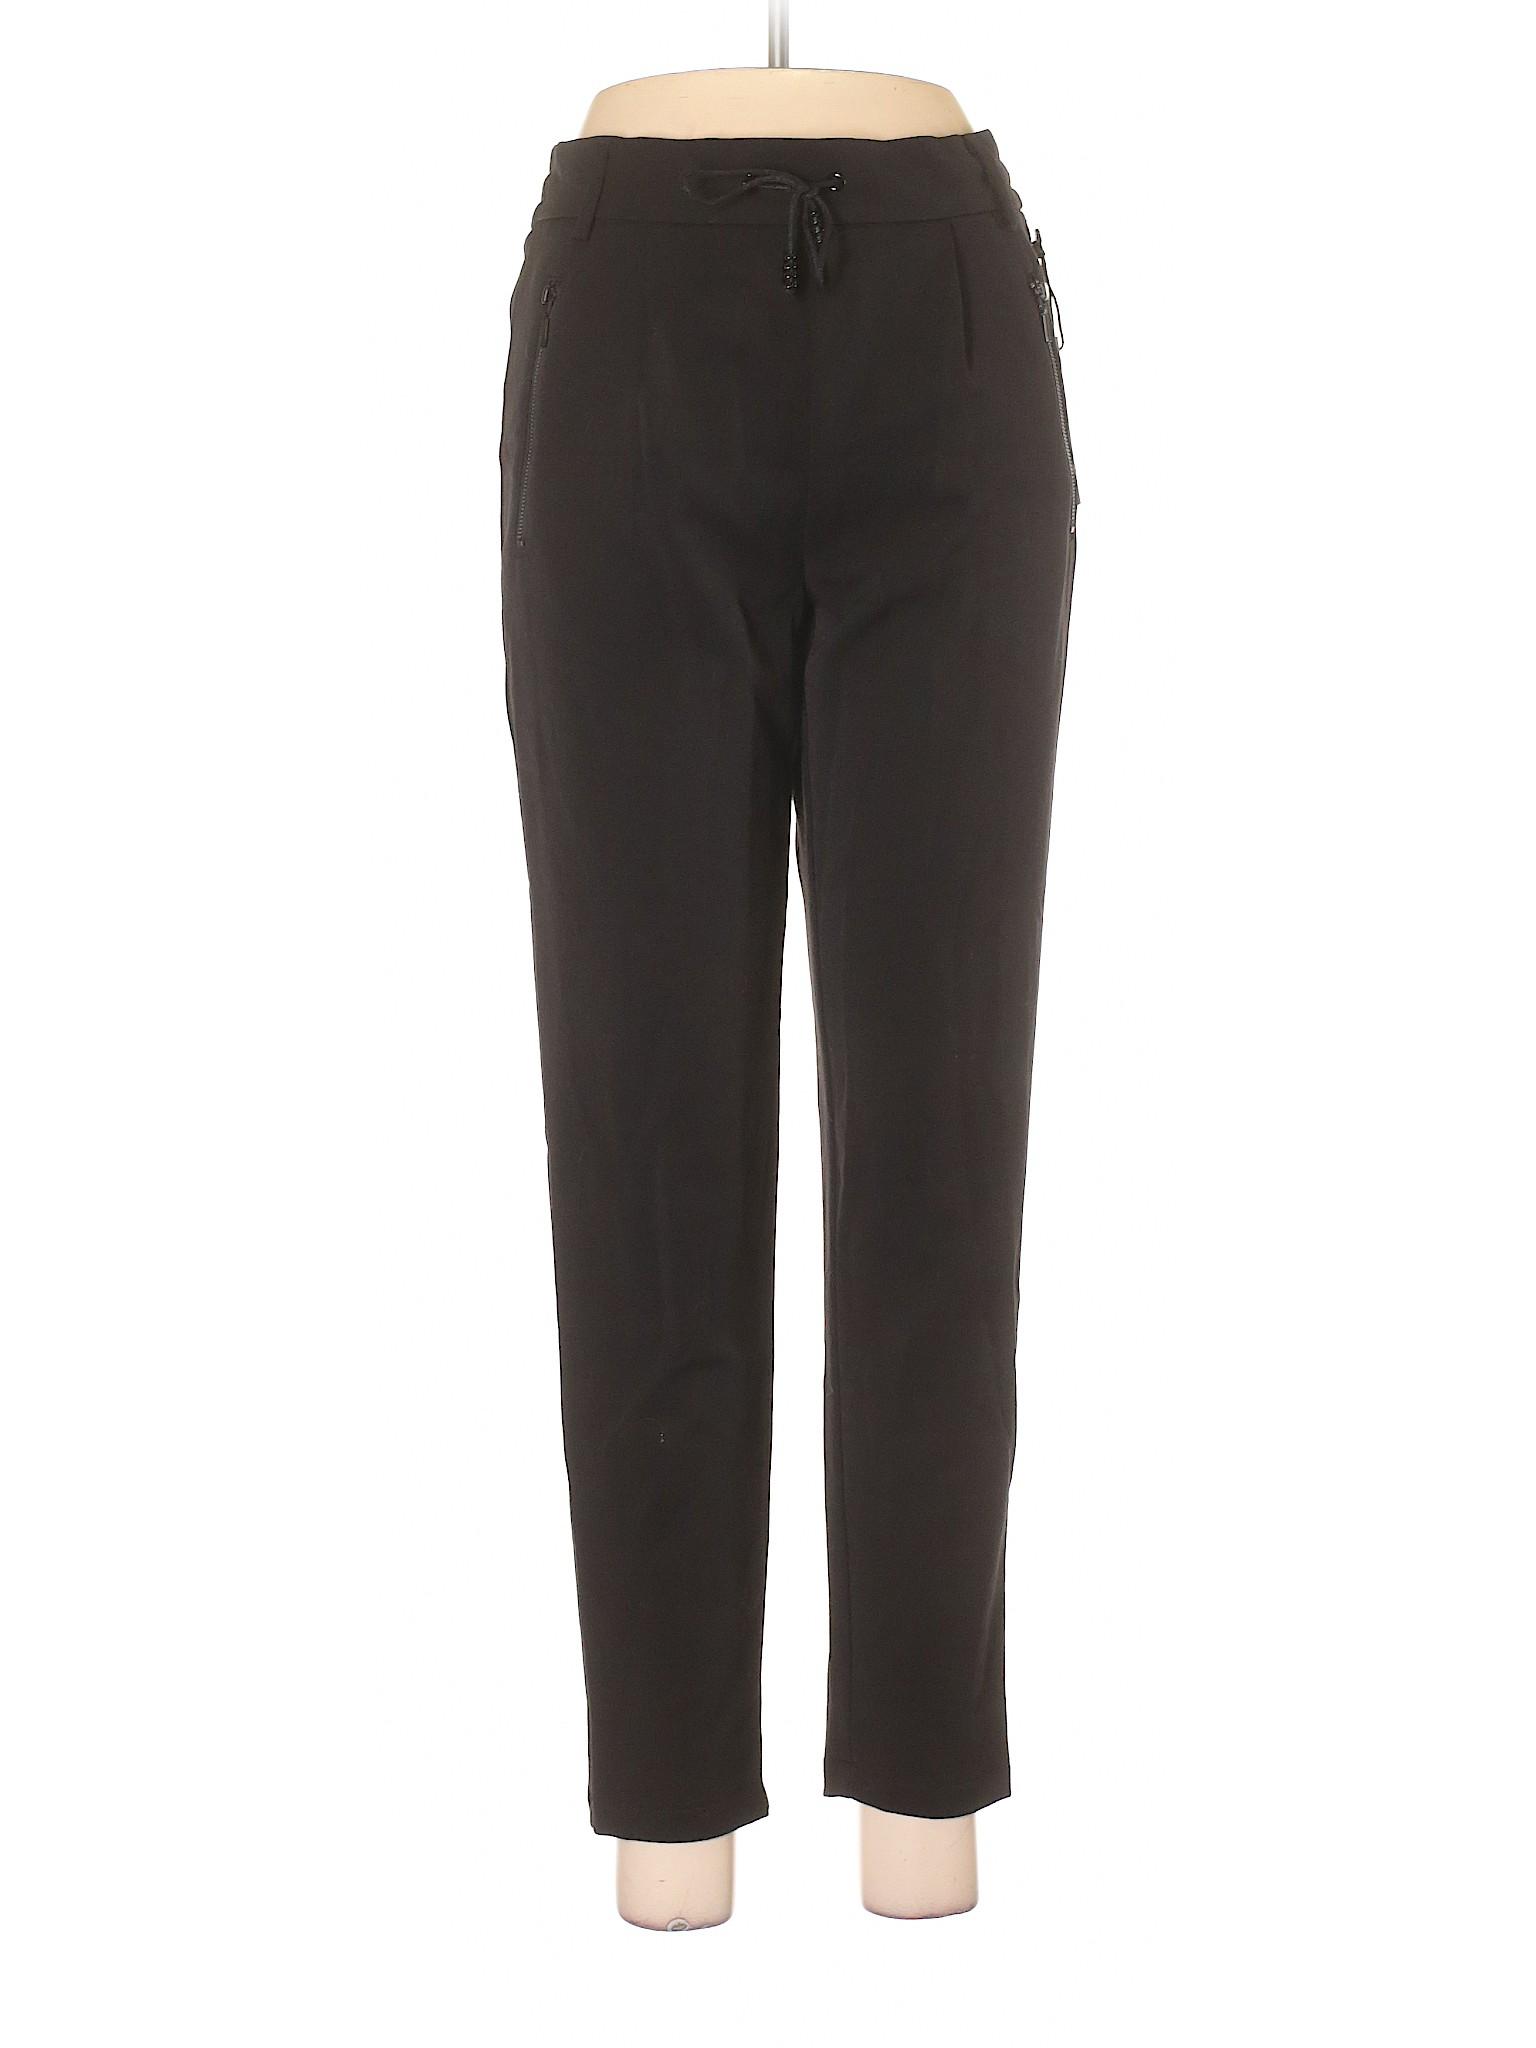 Pants Dex Casual Boutique winter Boutique winter fq808w